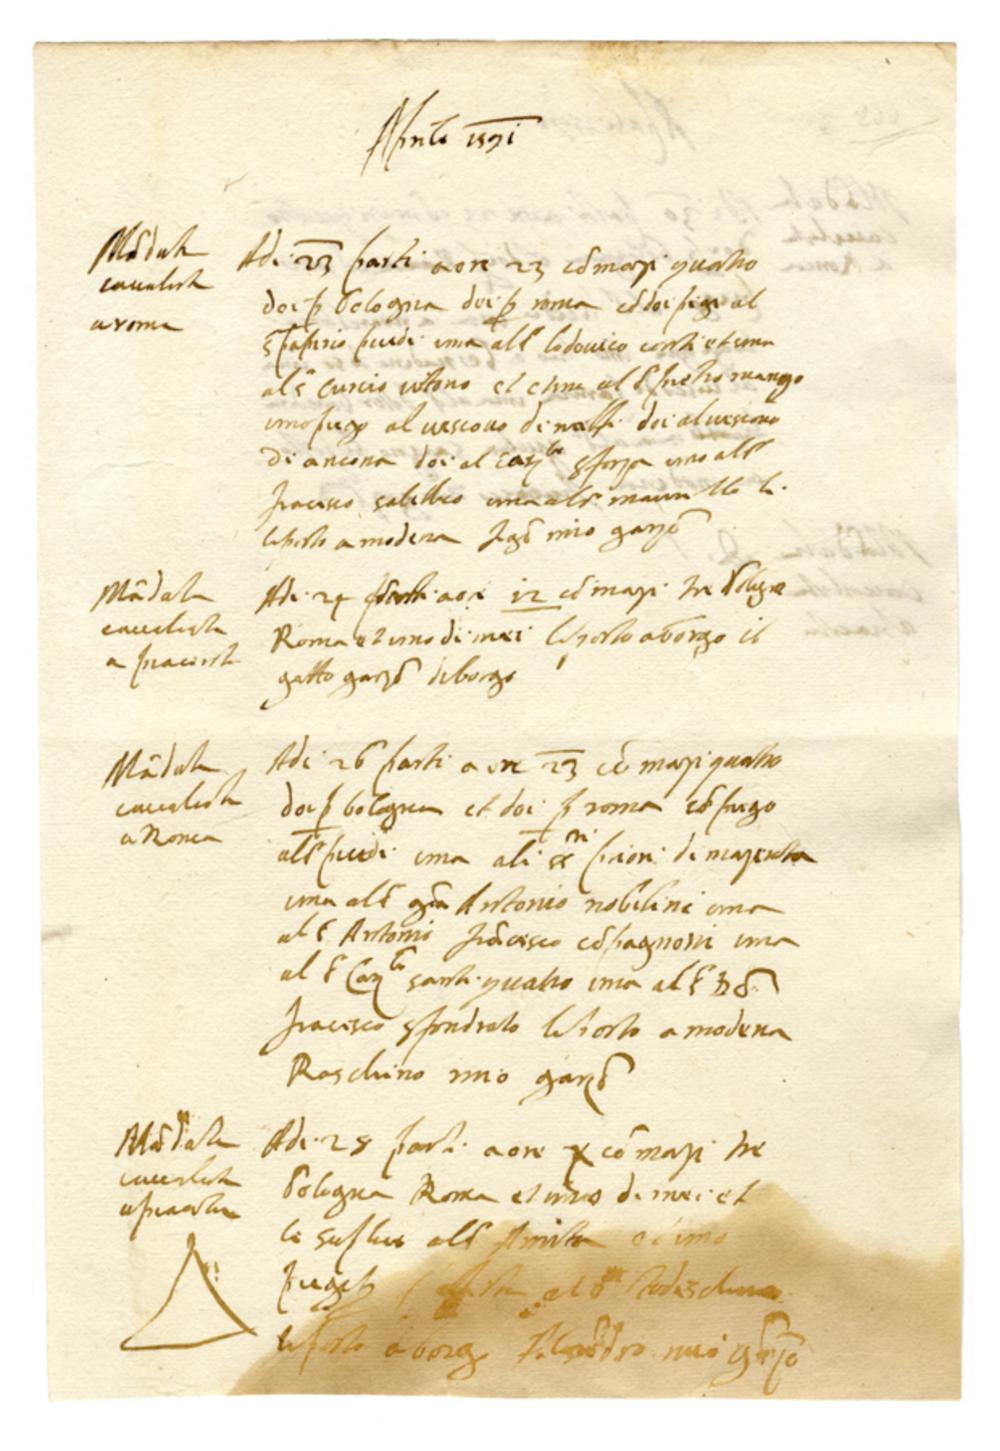 Raccolta di 12 carte manoscritte relative a corrieri postali. Seconda metà del XVI secolo.